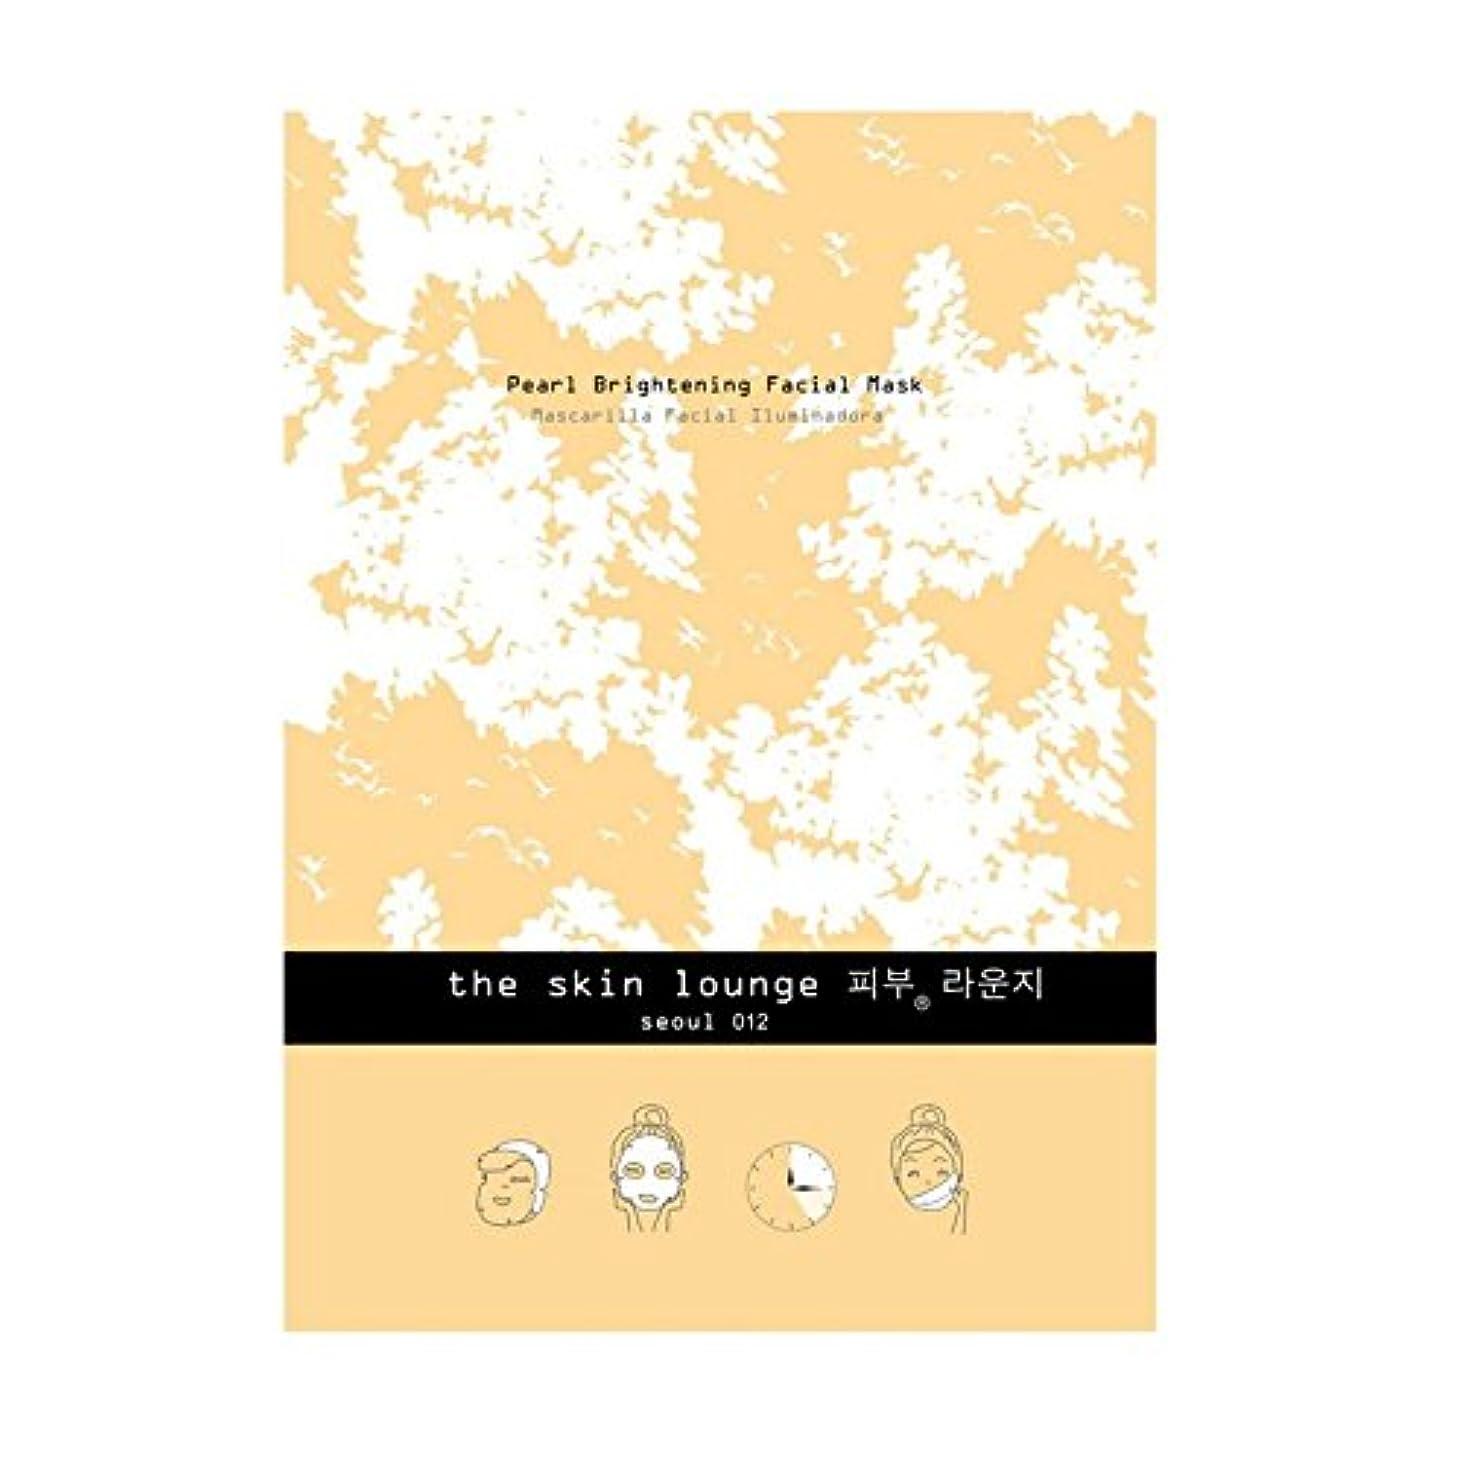 形デッキ強います単一セルロースマスクを明るく皮膚ラウンジ真珠 x2 - The Skin Lounge Pearl Brightening Single Cellulose Mask (Pack of 2) [並行輸入品]